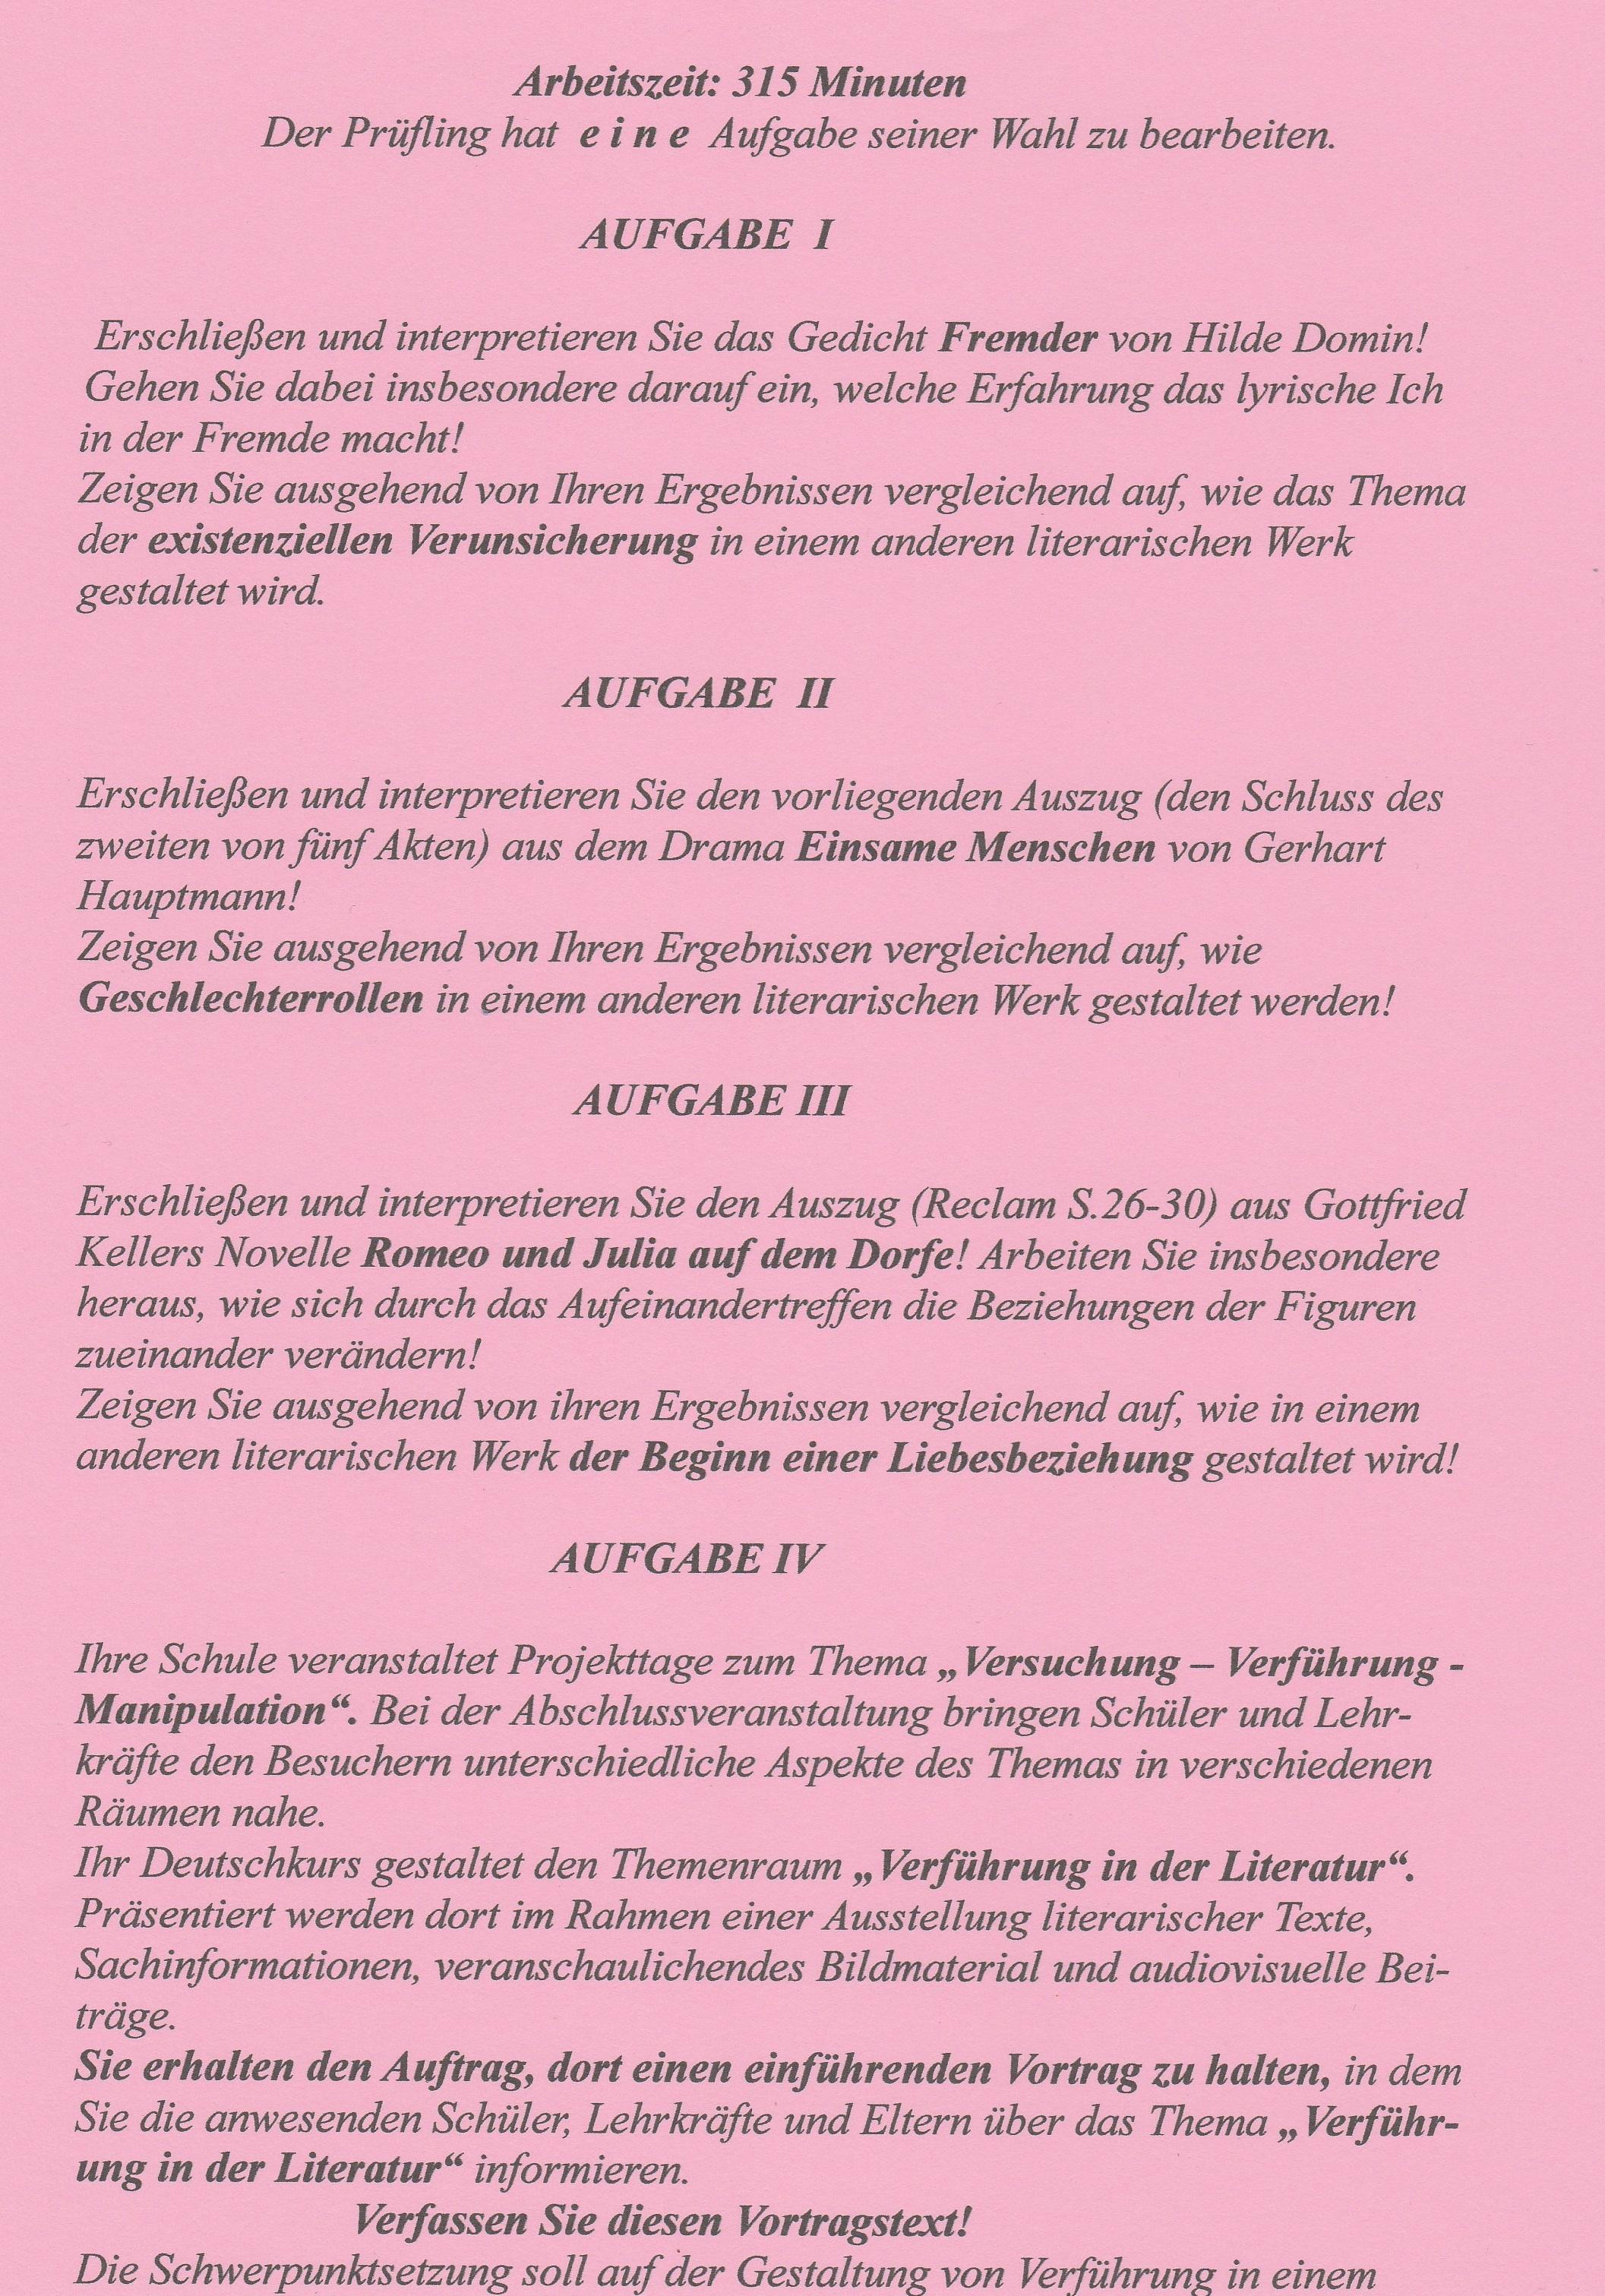 bayern abiturpr252fung 2016 deutsch die aufgaben i ii